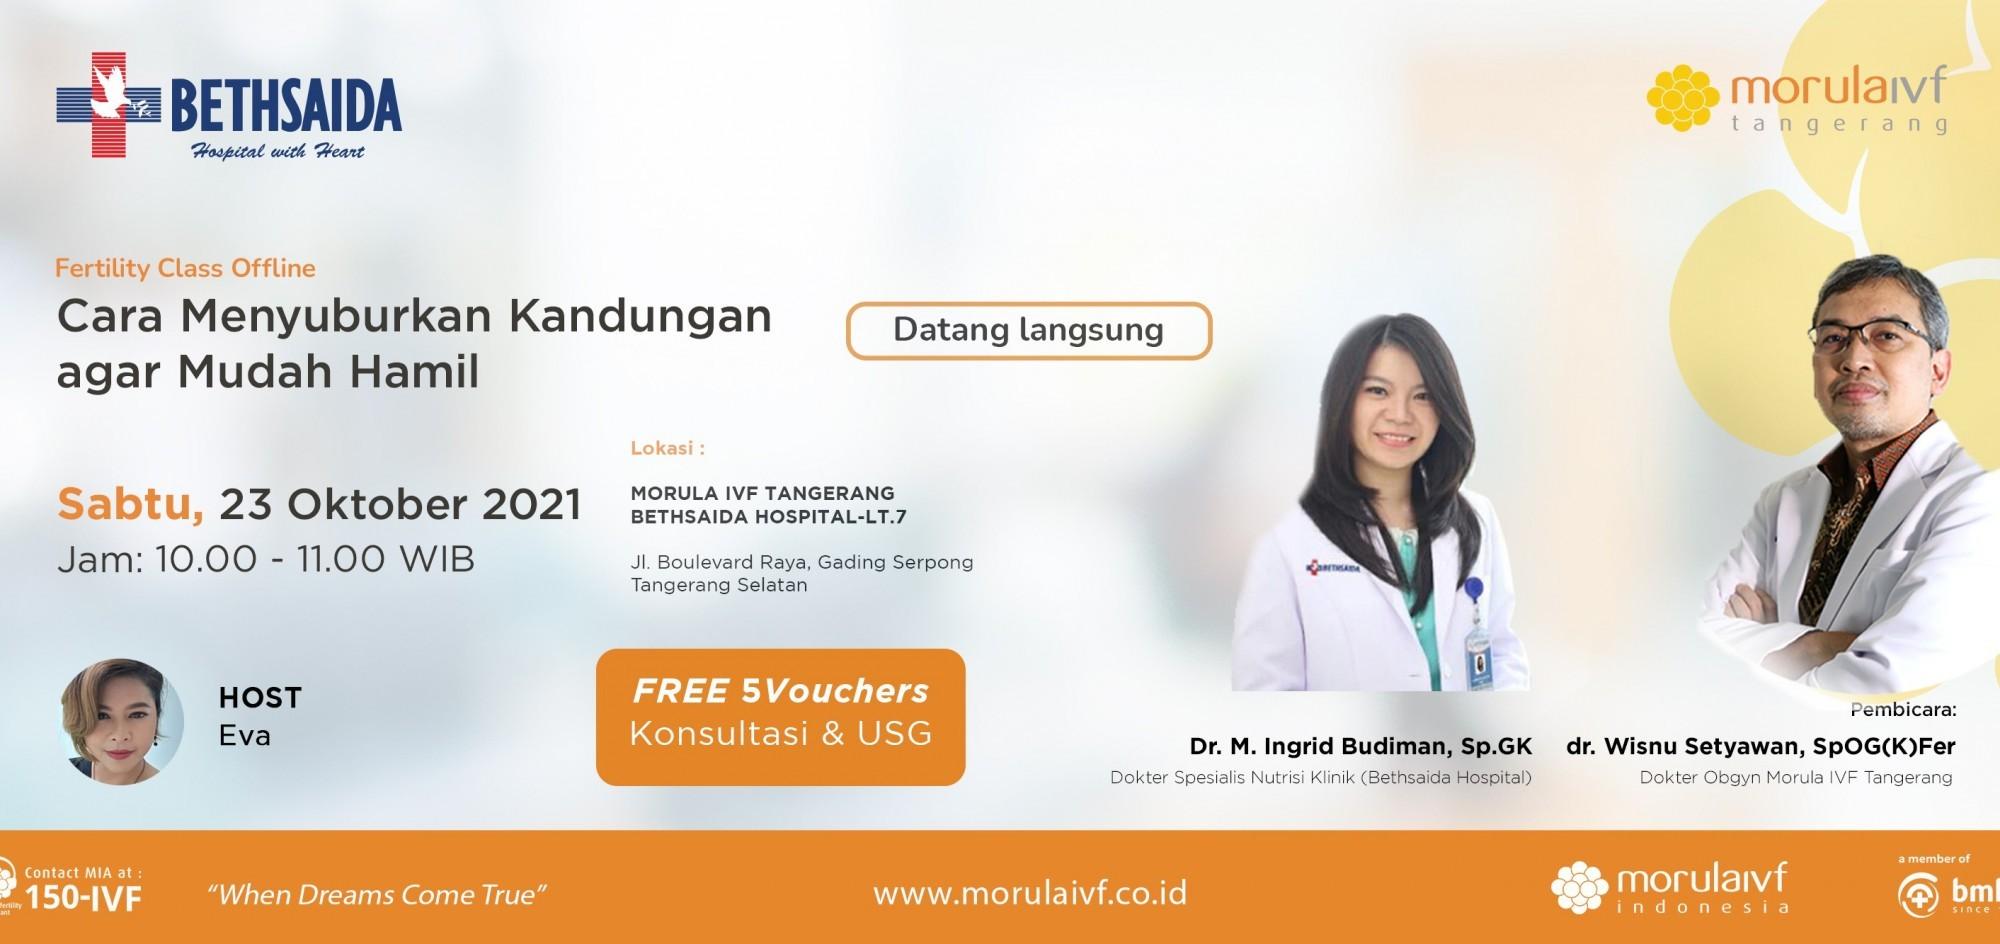 Fertility Class Bersama dr. Wisnu Setyawan, SpOG(K) x Dr. M. Ingrid Budiman, Sp.GK